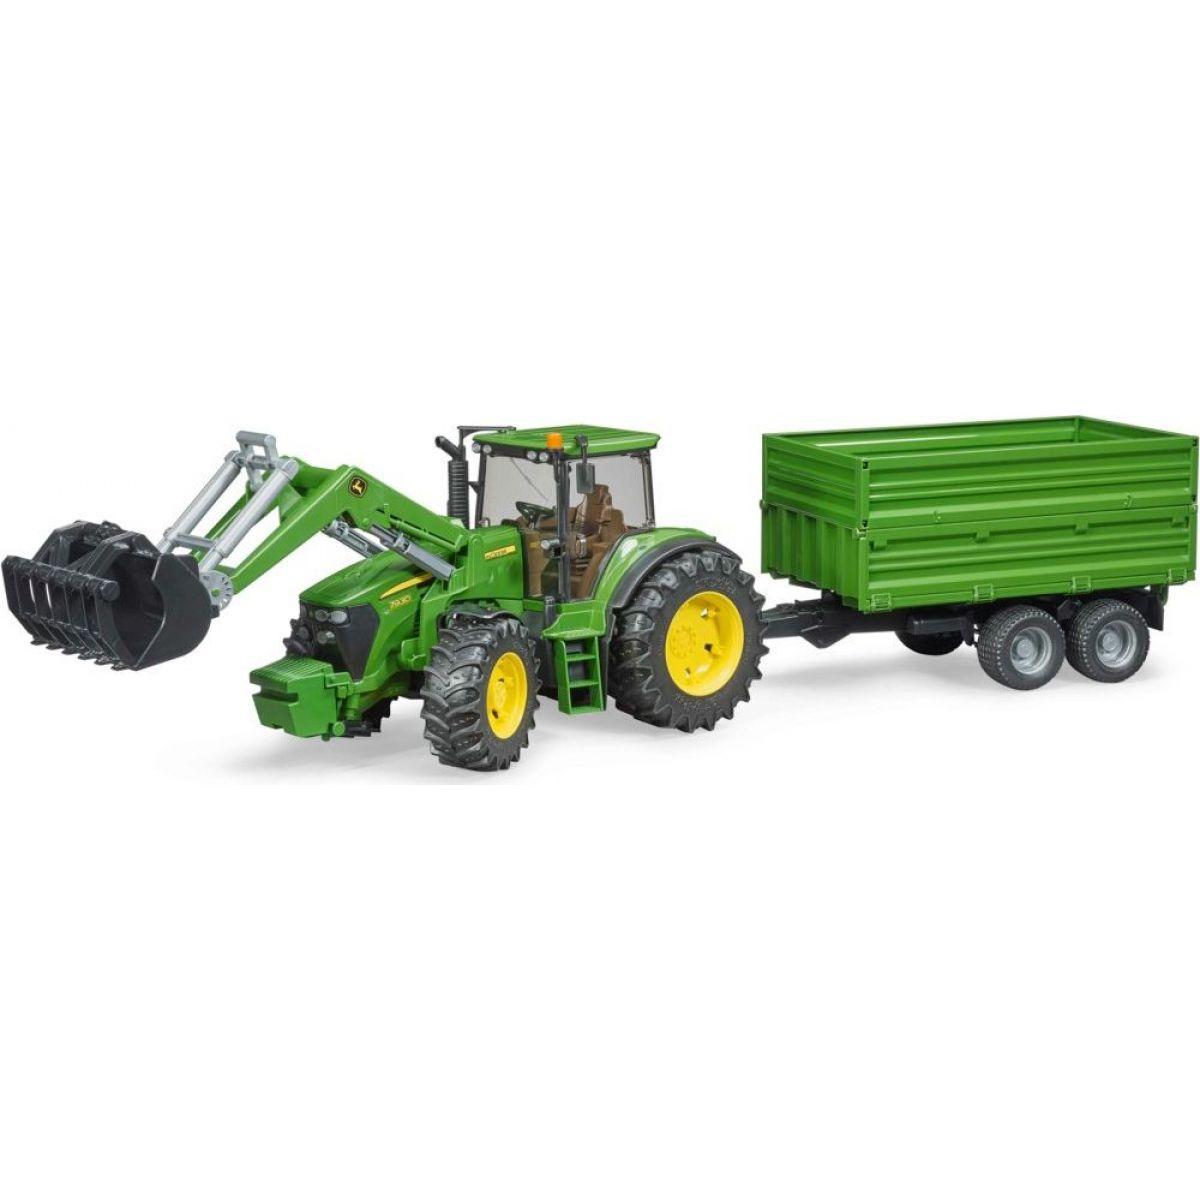 Bruder 03055 Traktor John Deere 7930 s nakladačem a valníkem